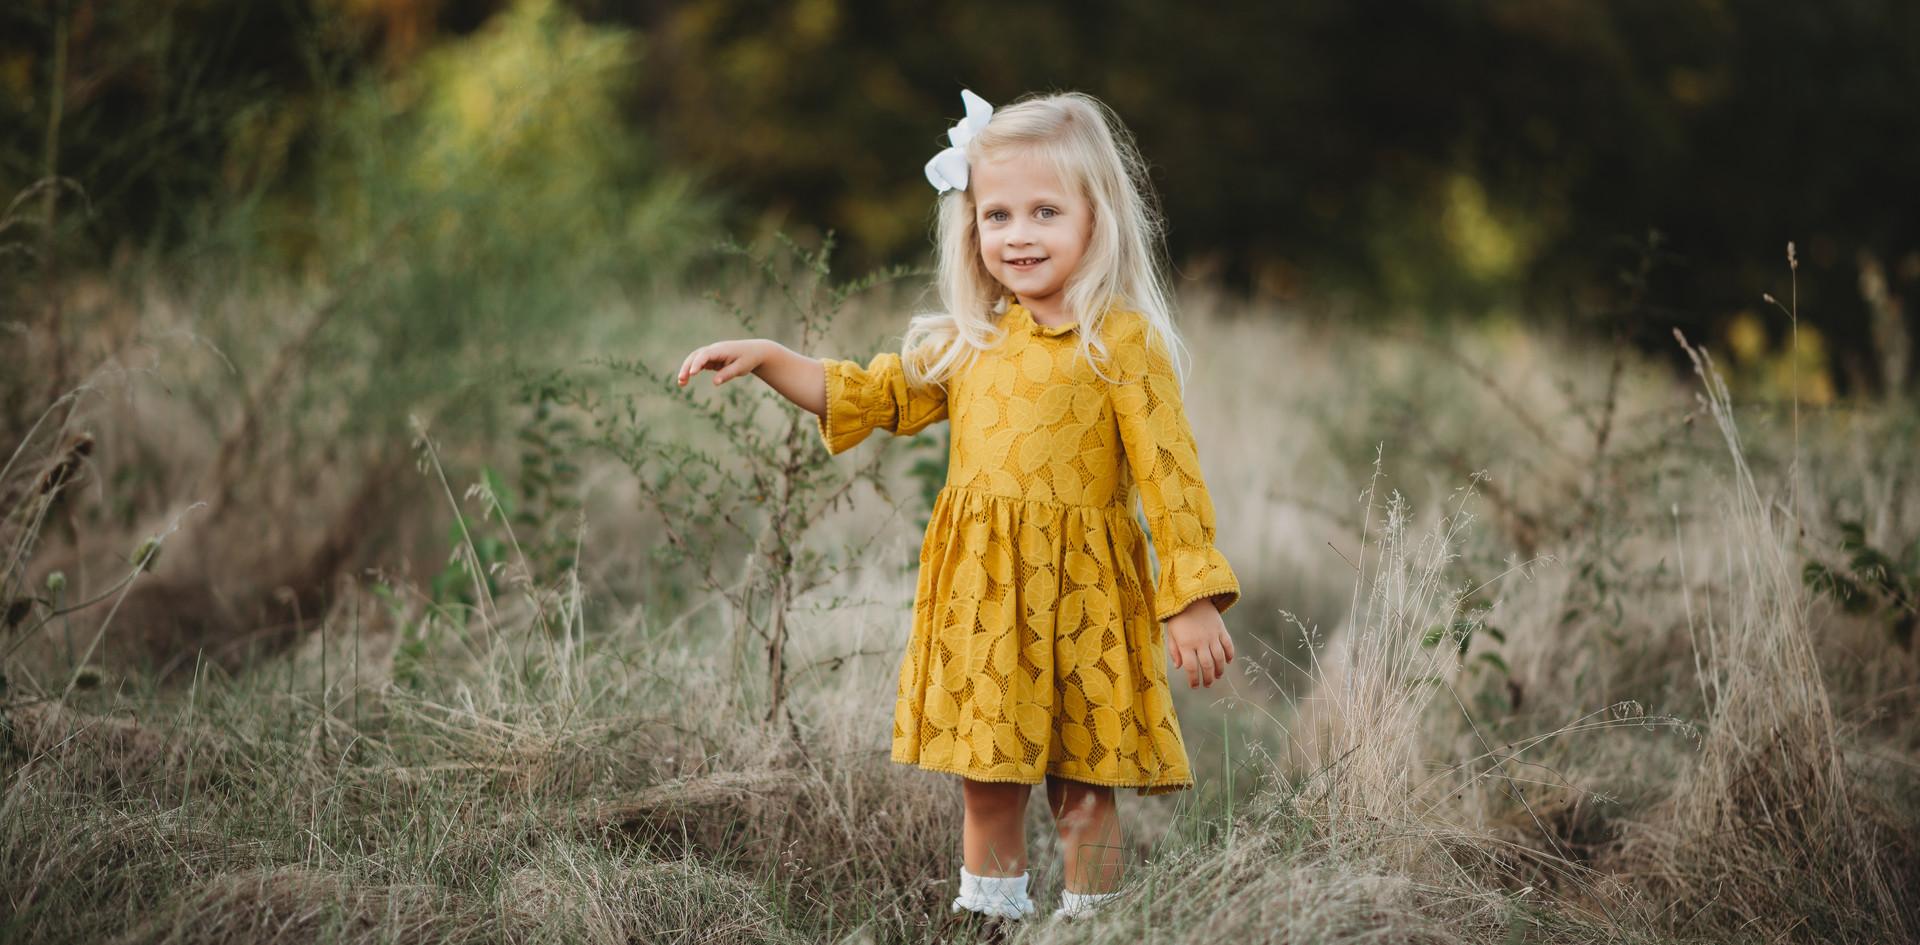 KSP-2019_Maternity_Zehler_052.jpg